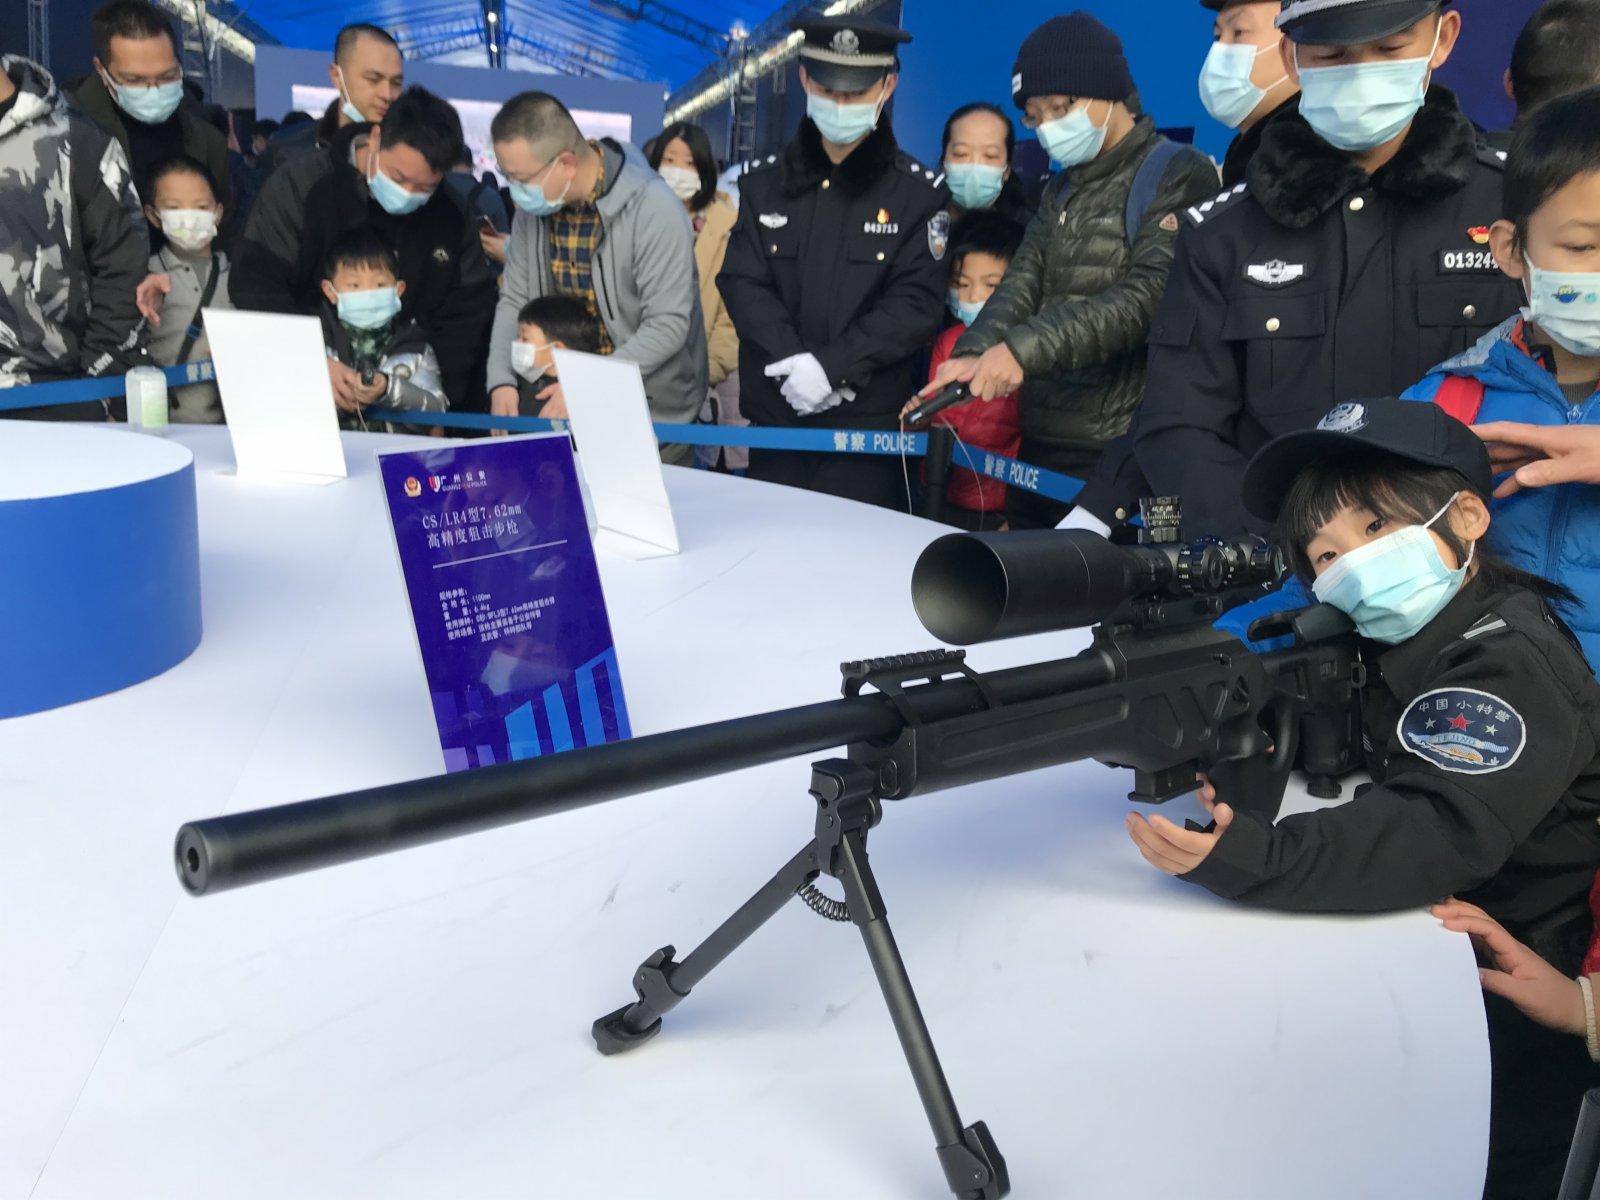 一款裝備給特警、武警的高精度狙擊步槍亮相,市民可以零距離體驗。記者敖敏輝 攝